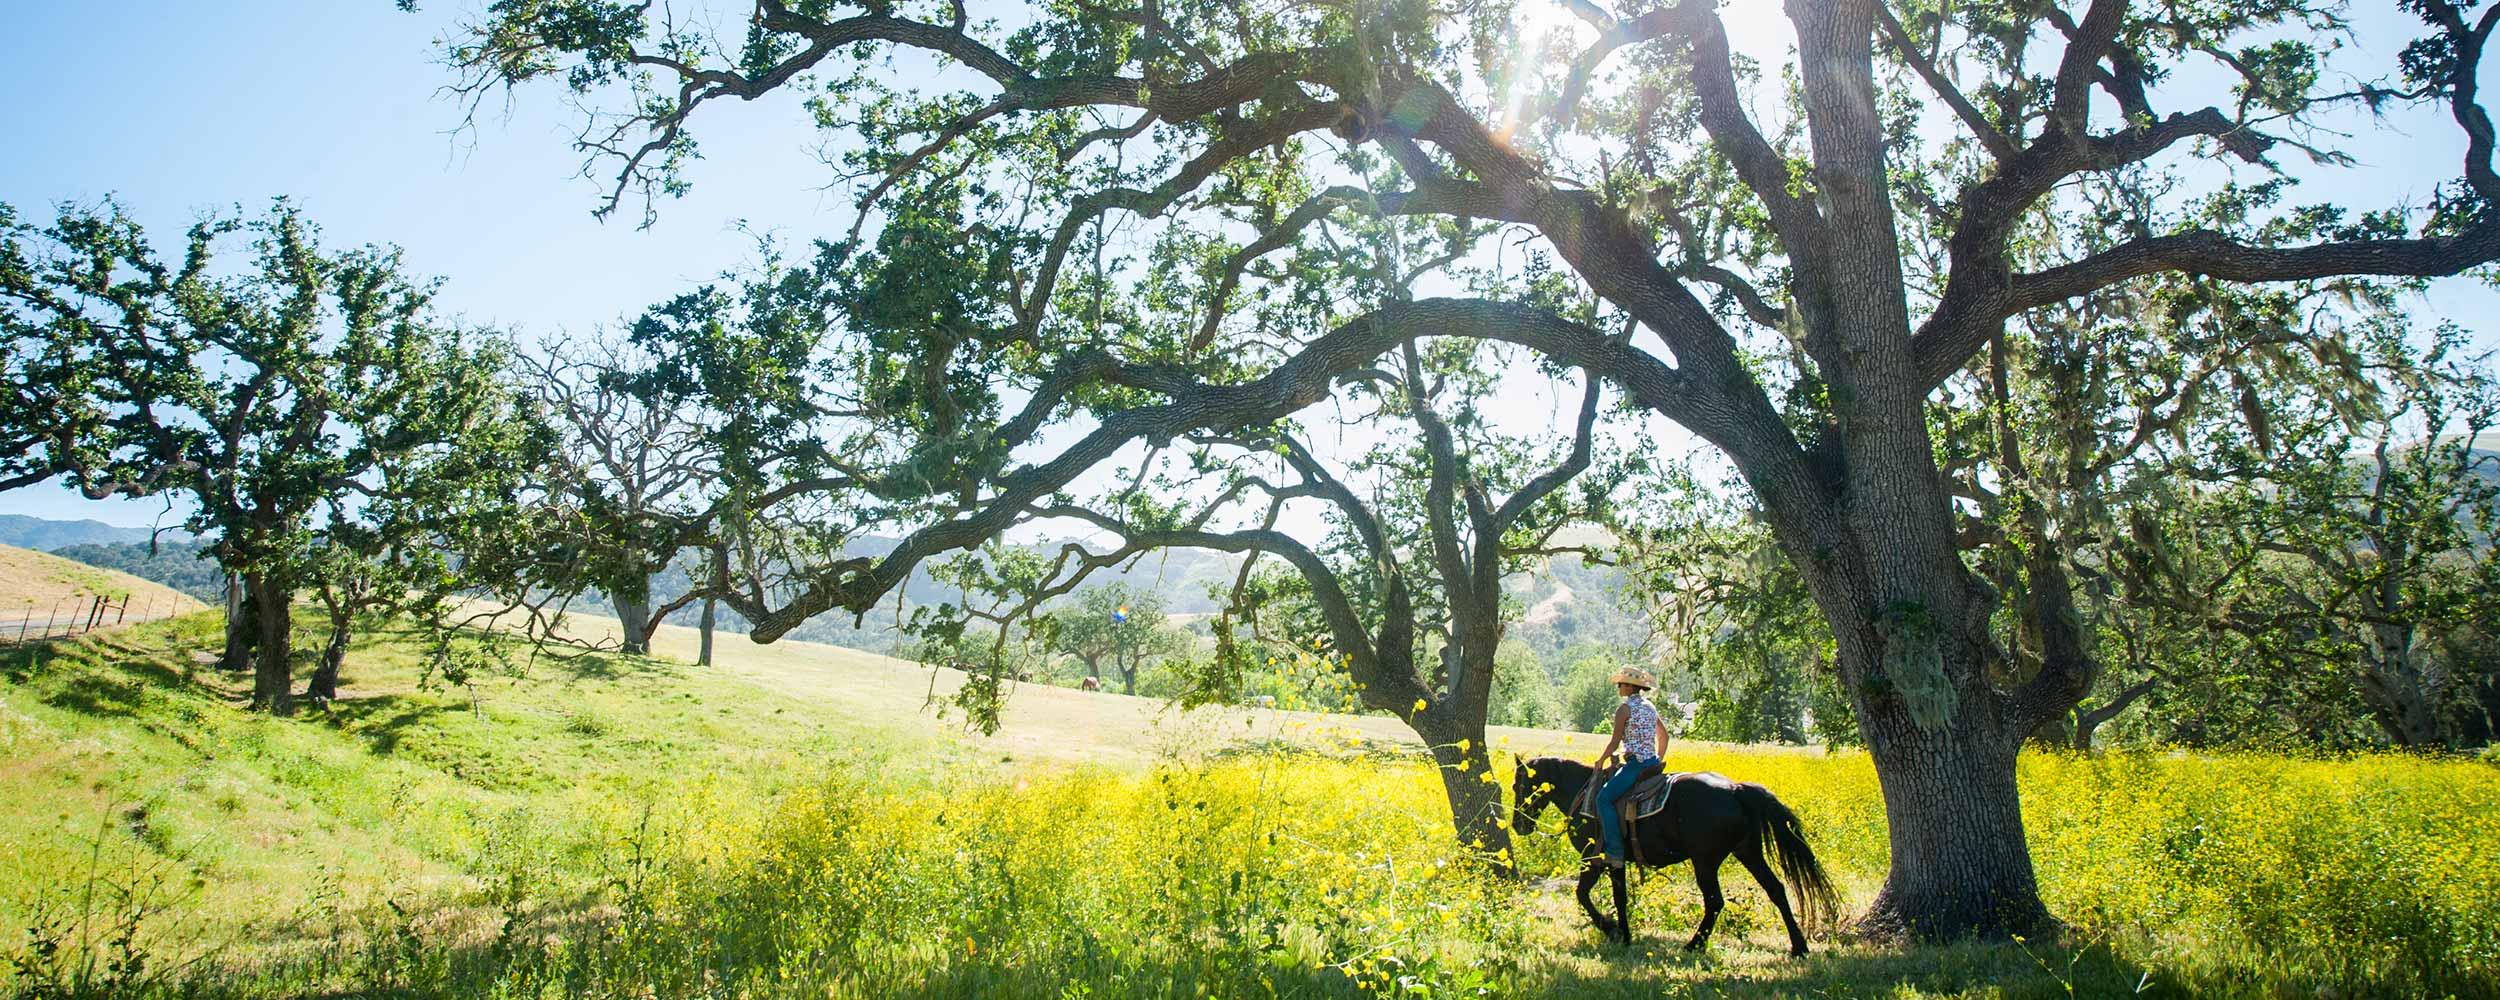 horseback riding at Alisal - Alisal Resort in Solvang California